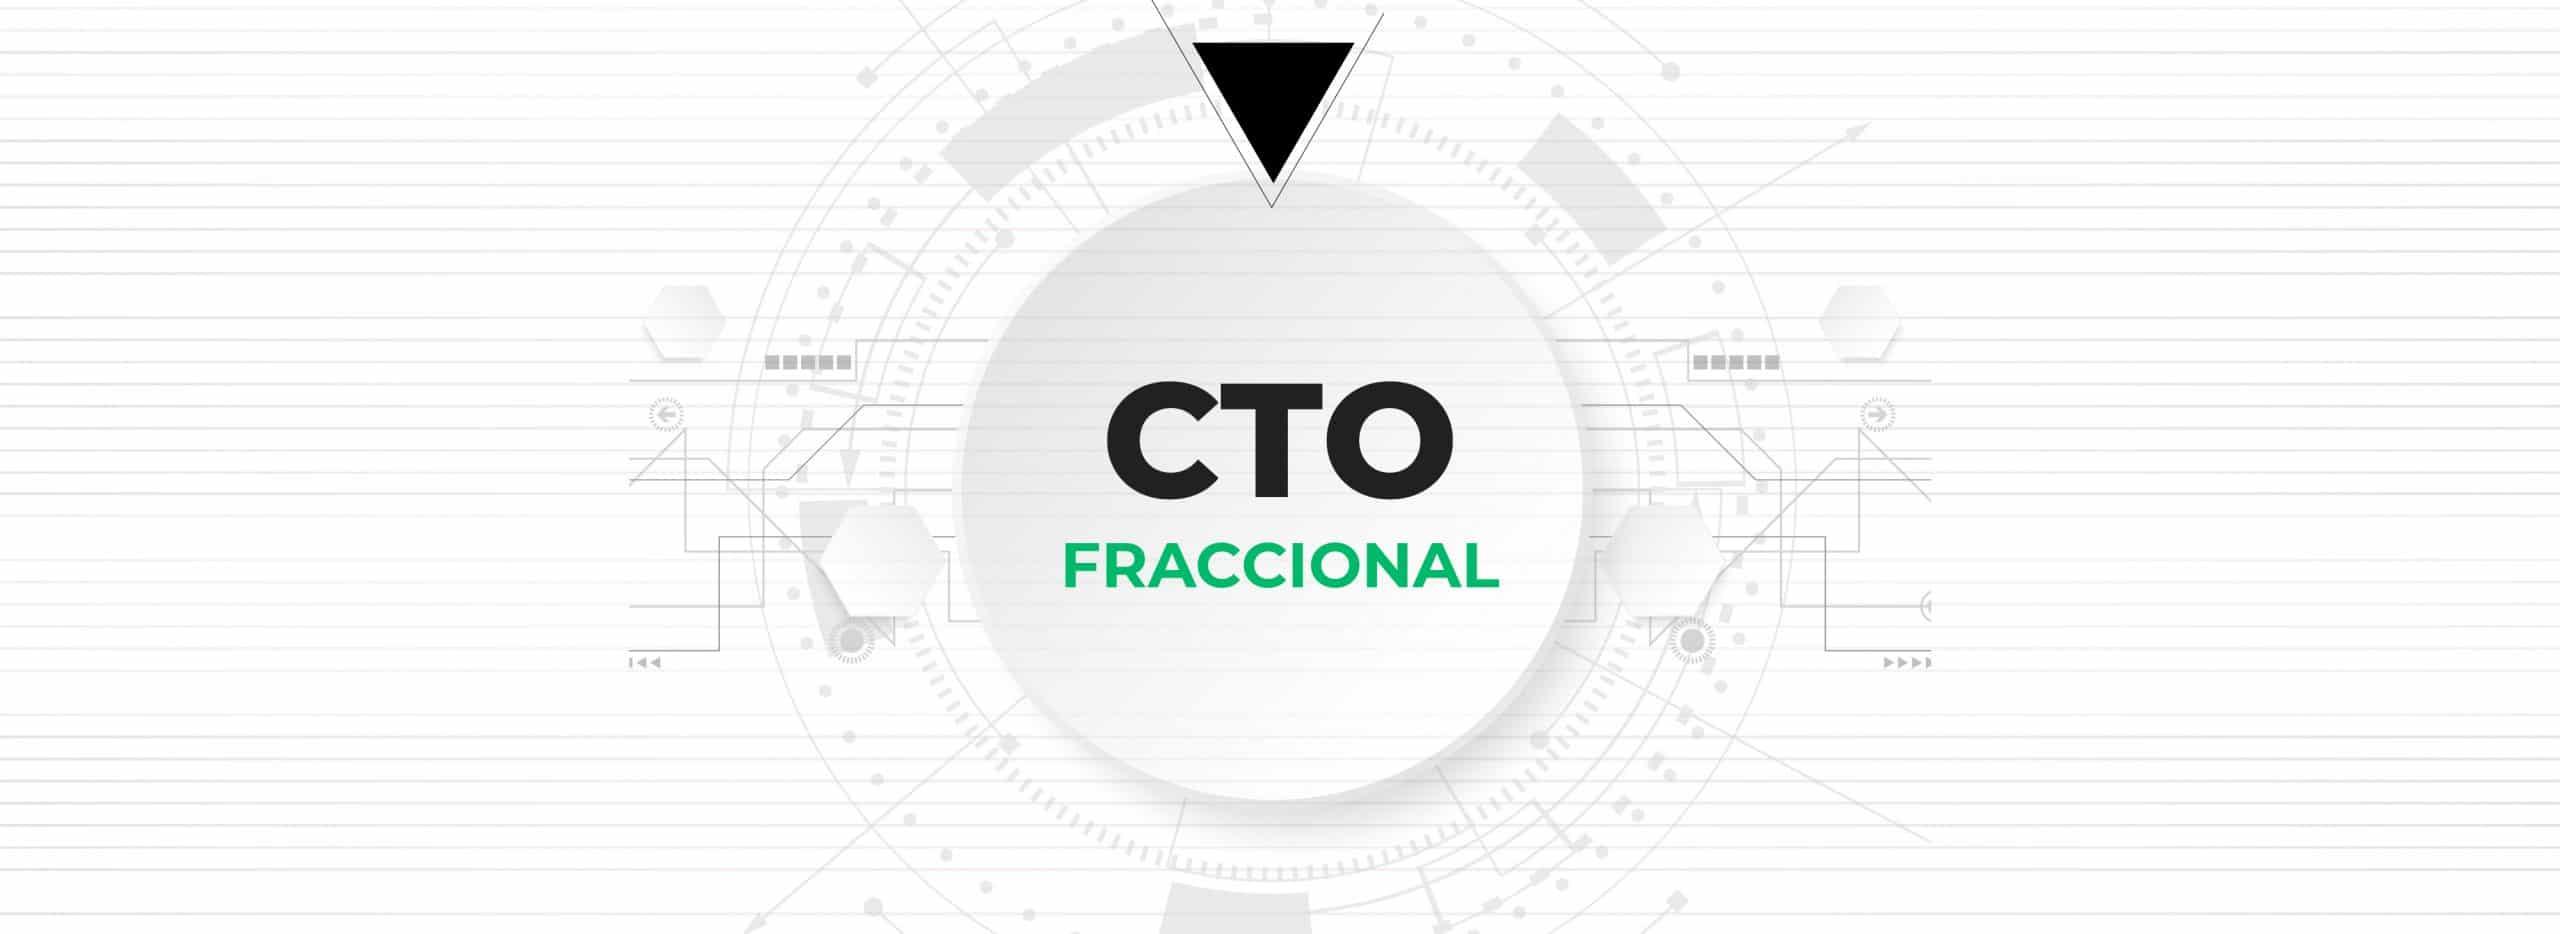 CTO fraccional: un rol fundamental para transformar tu negocio